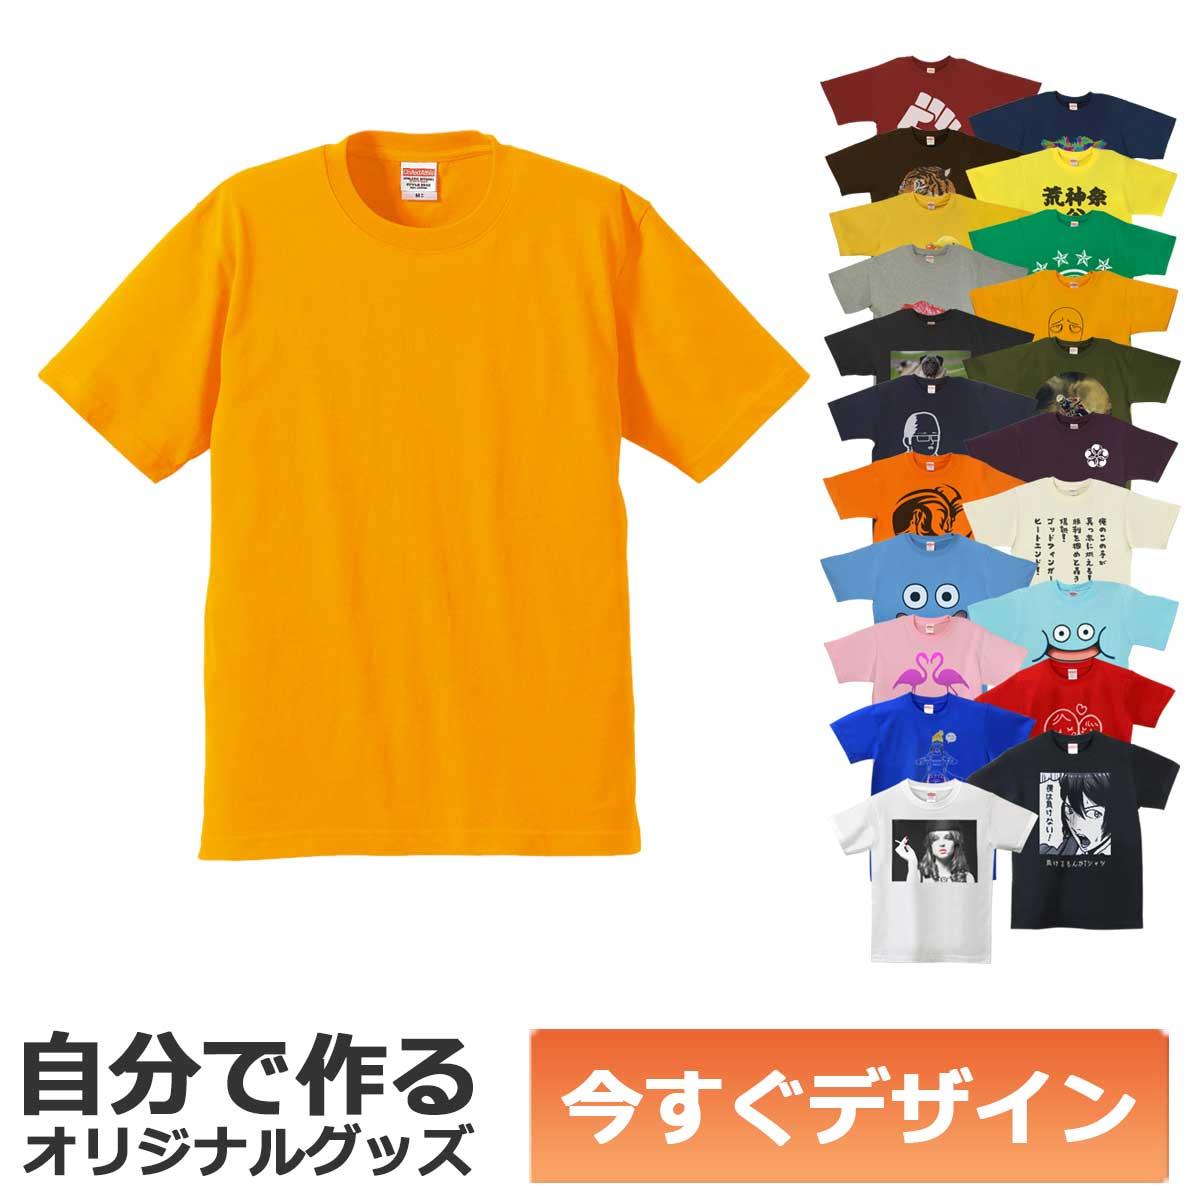 あす楽 激安 名入れ 両面OK ギフト ペア チームTシャツ ハイクオリティ 即納可能 1枚から作れる メール便可 Tシャツ ゴールド 自分でデザイン プレミアム 6.2oz オリジナル